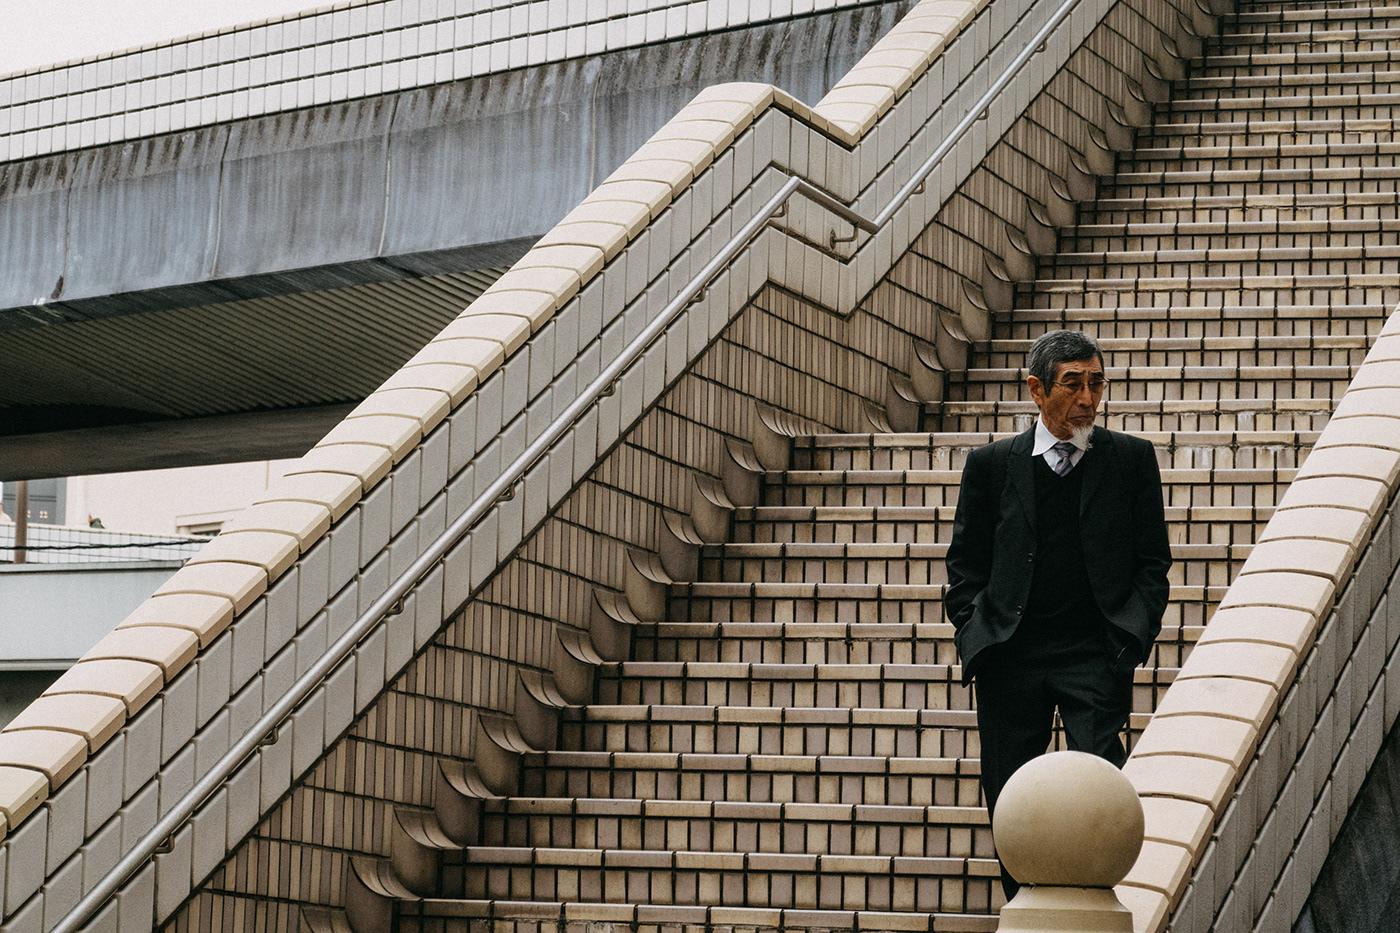 東京 河口湖 Travel taotzu chang Sony rx100m6 streetphotography tokyo 張道慈